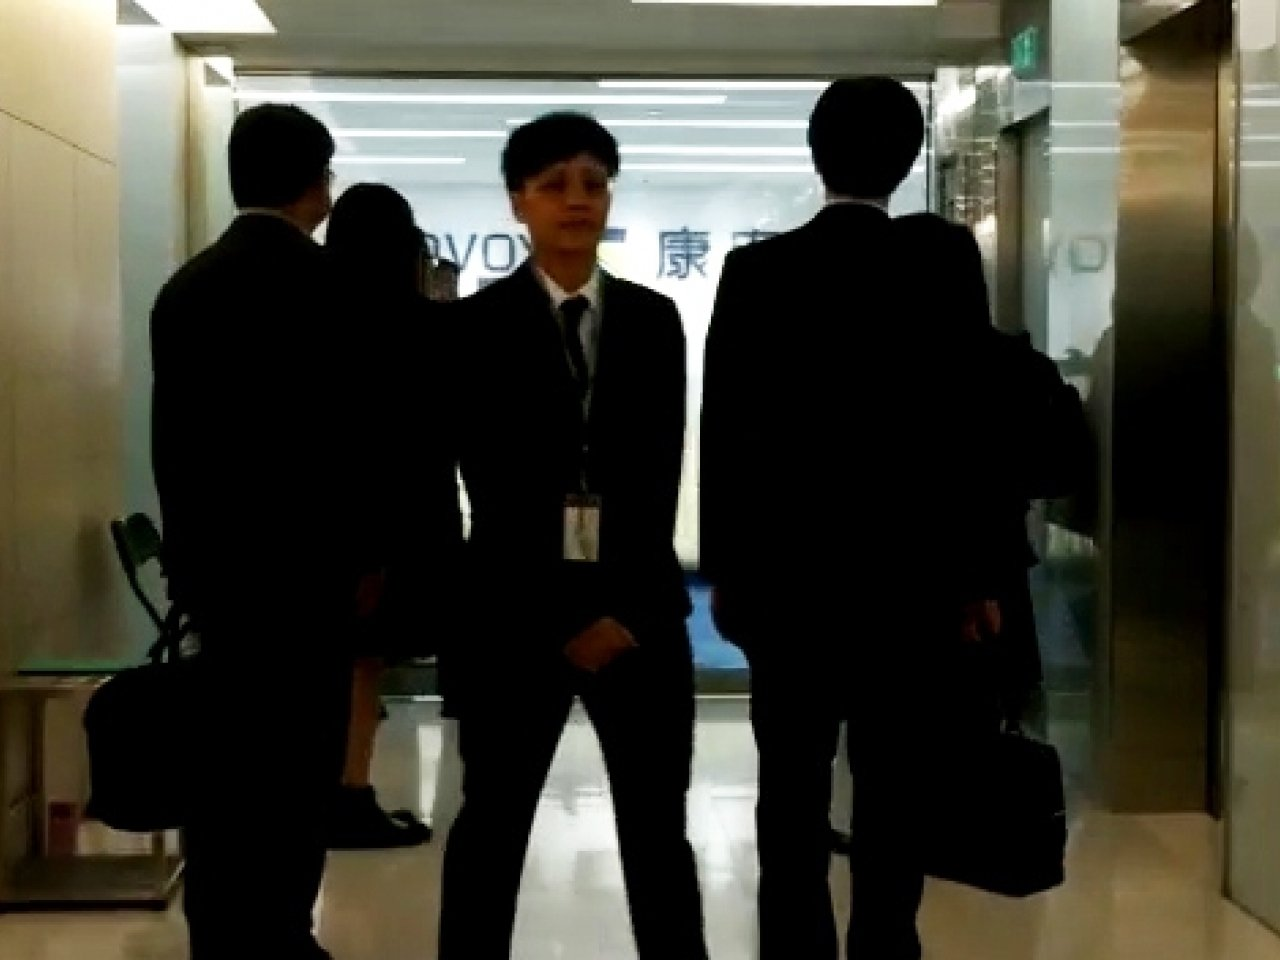 廉署與證監會聯合行動,拘捕3名上市公司涉貪高層。 鍾祖豪